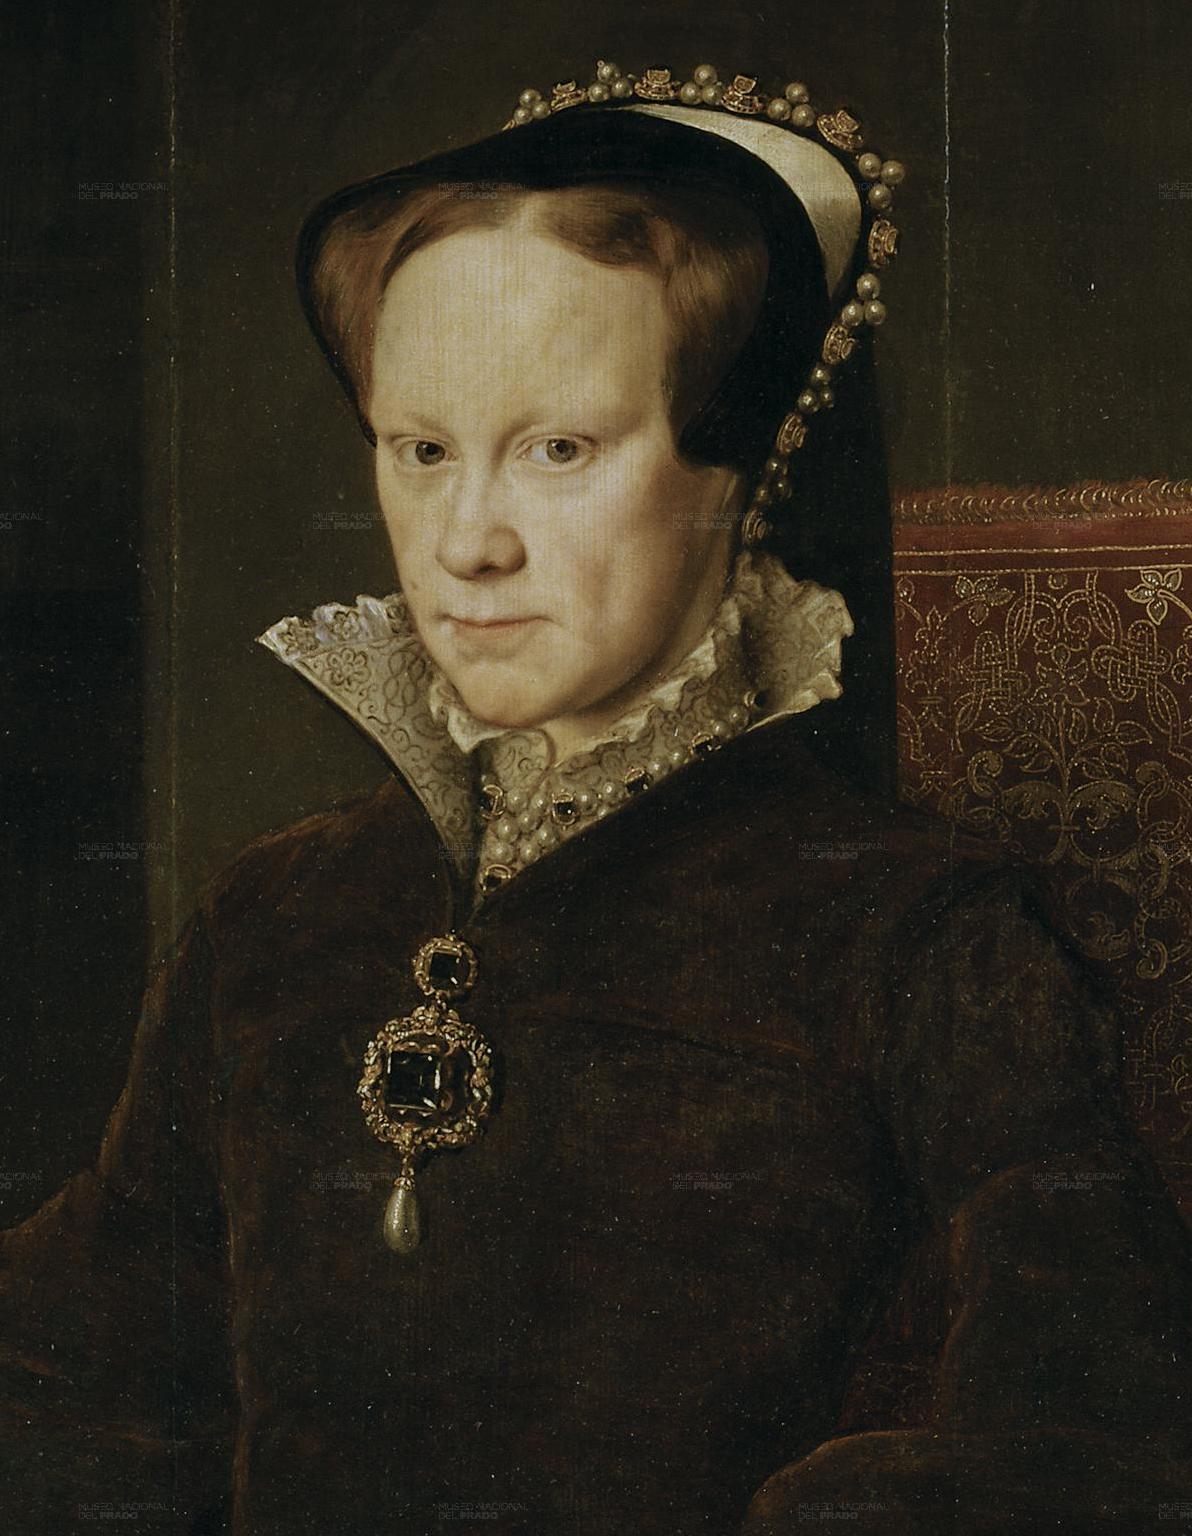 Мари́я I Тюдо́р (18 февраля 1516, Дворец Плацентия, Большой Лондон — 17 ноября 1558) , старшая дочь Генриха VIII от брака с Екатериной Арагонской.